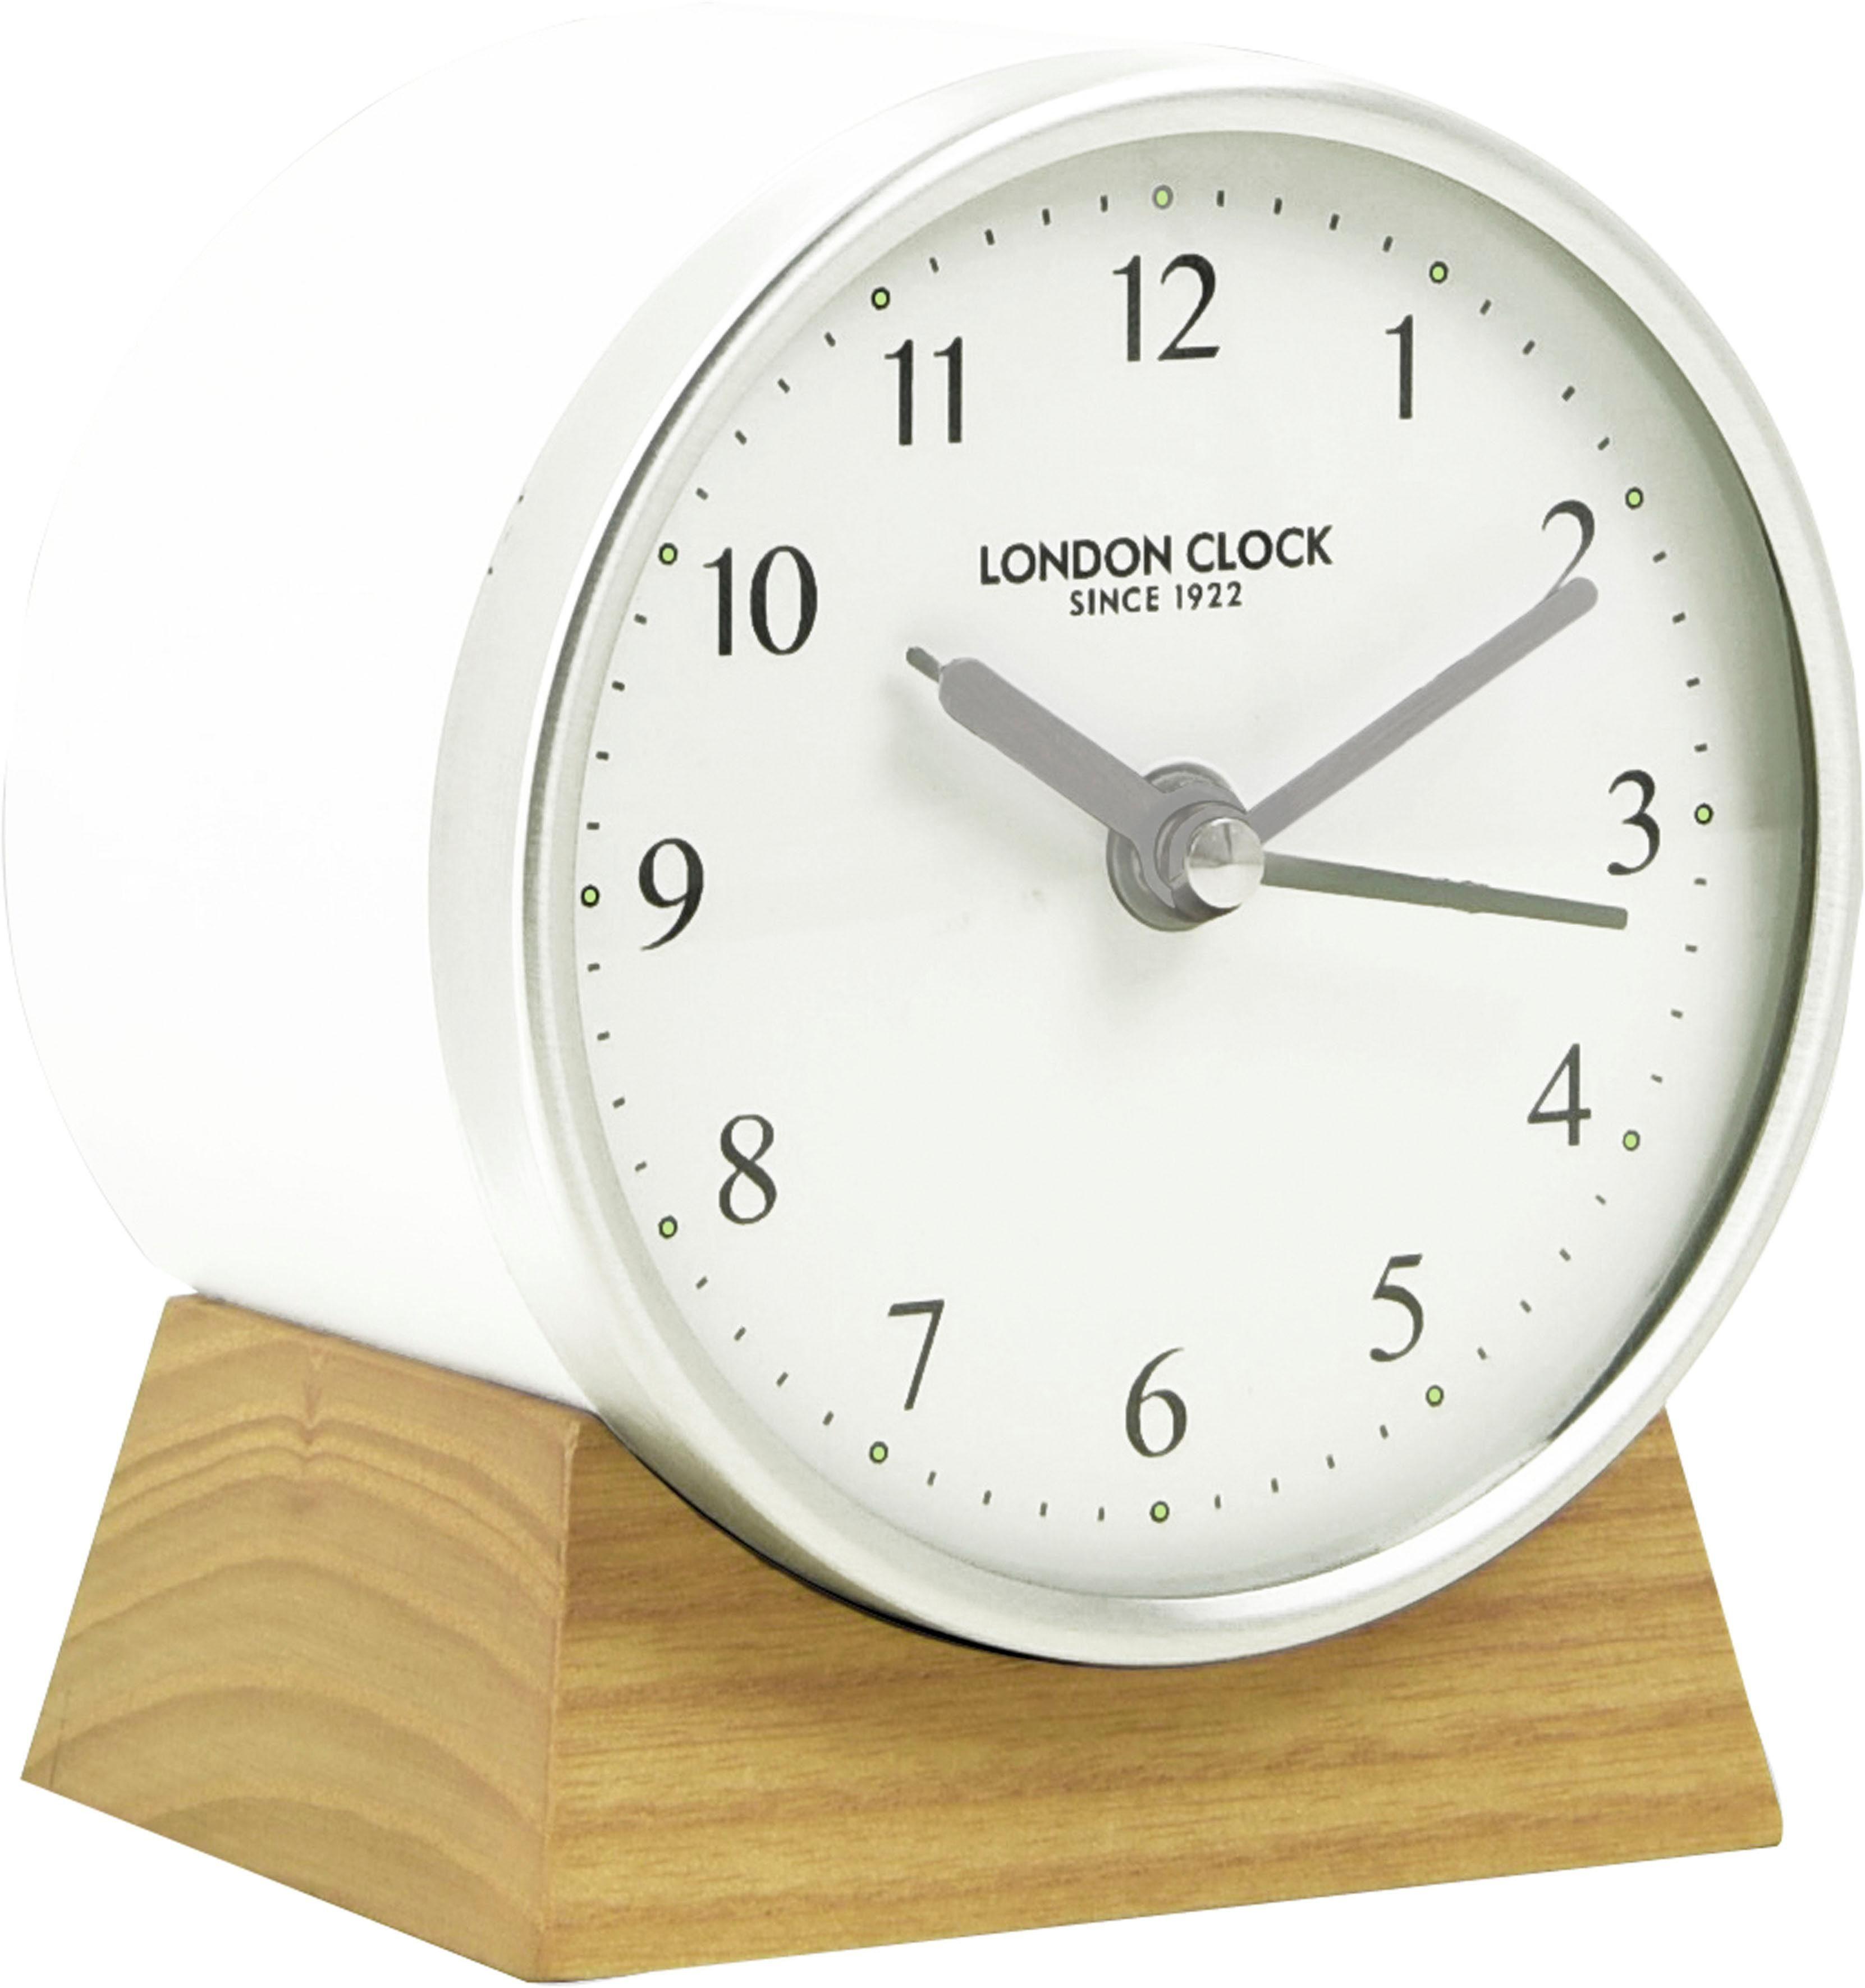 INOSIGN Tischuhr »London Clock 1922« aus Massivholz, Weckfunktion